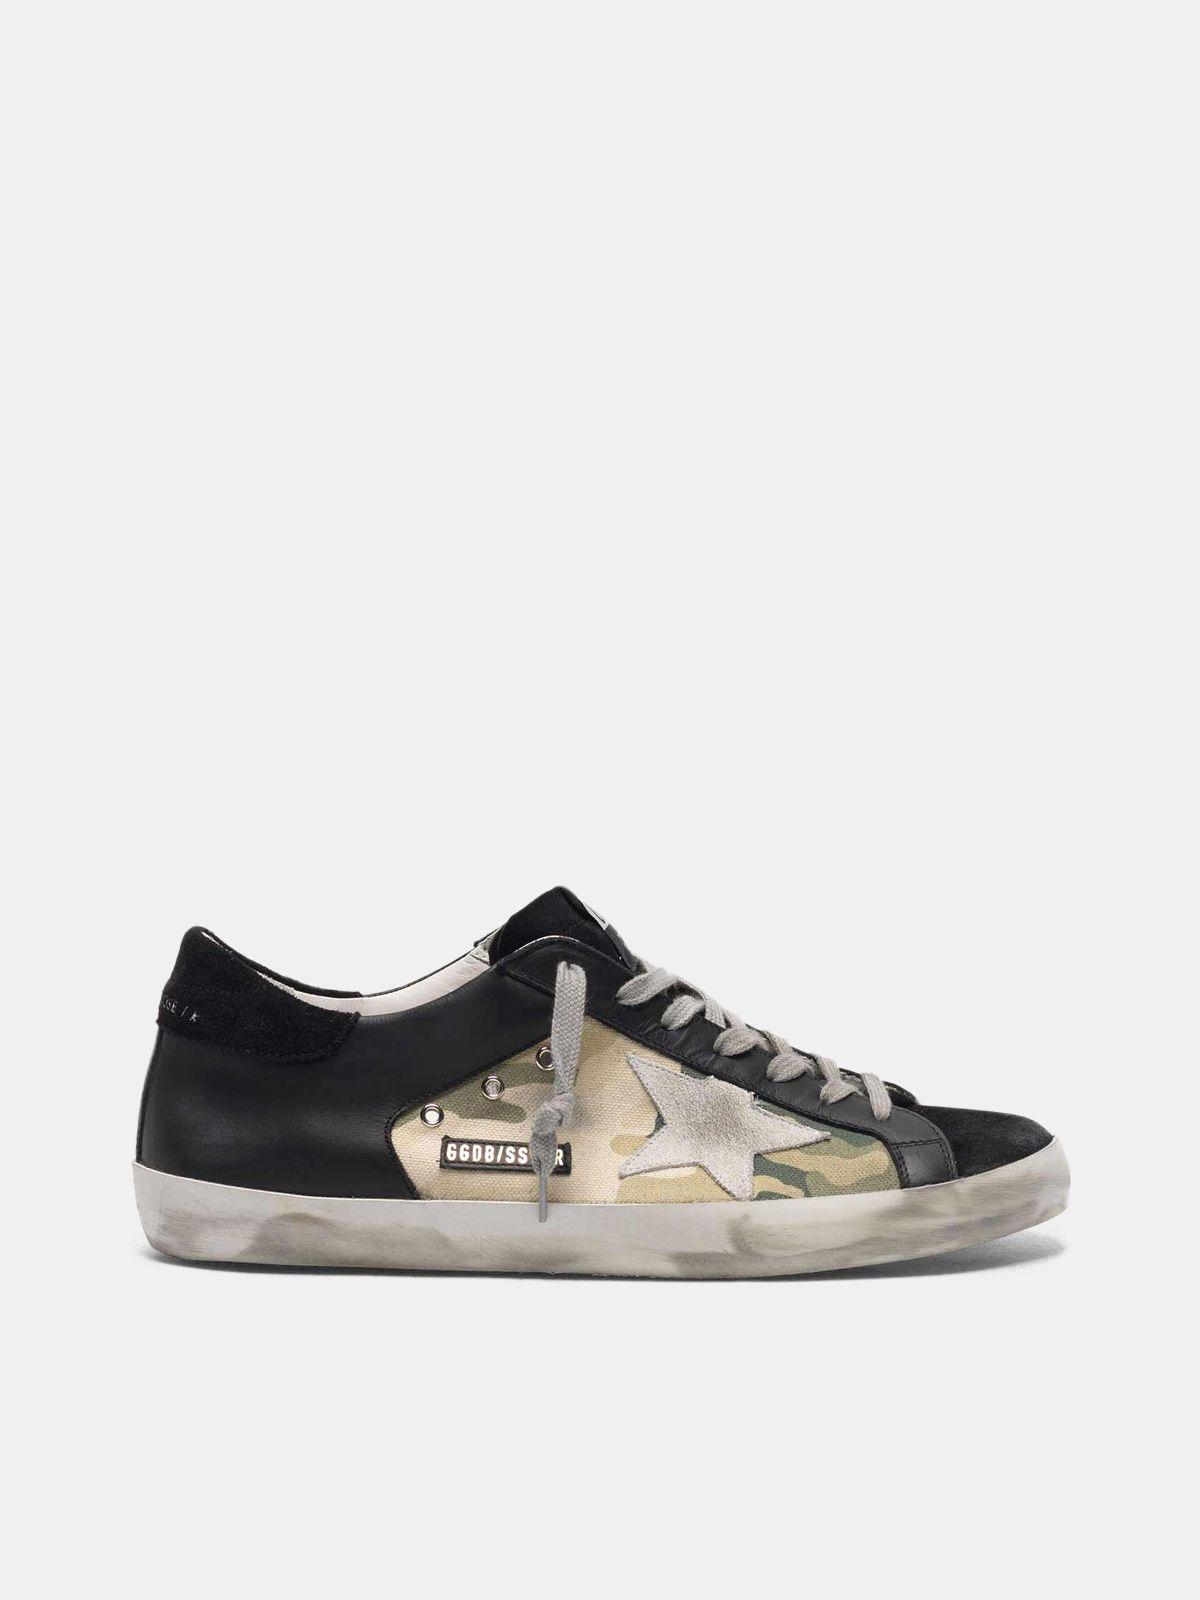 Zapatillas deportivas Super-Star negras de piel y lona motivo camuflaje